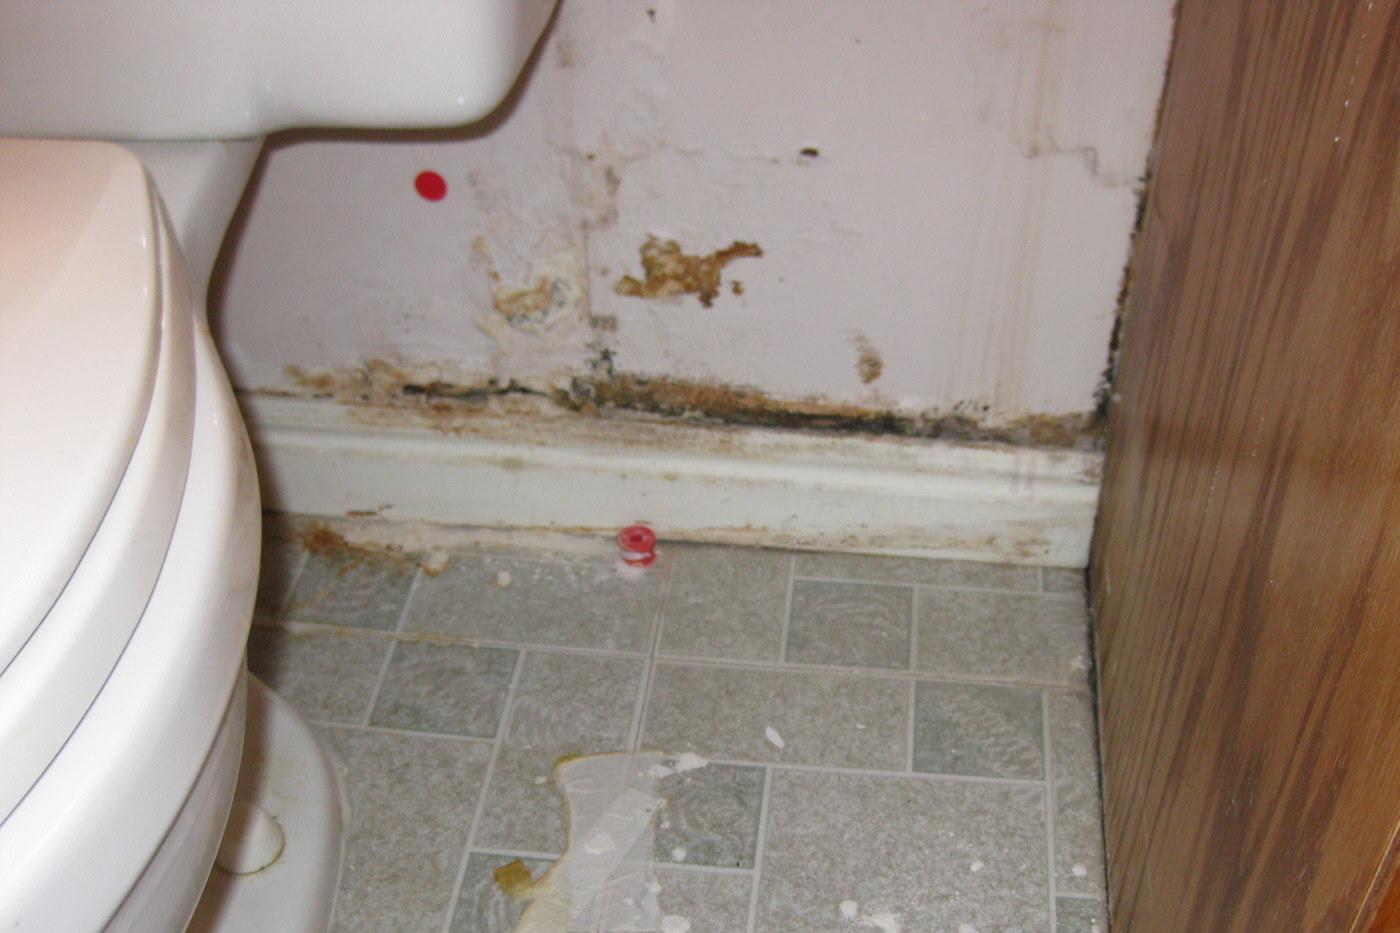 Dangers of mold in bathroom - Dangers Of Mold In Bathroom 50